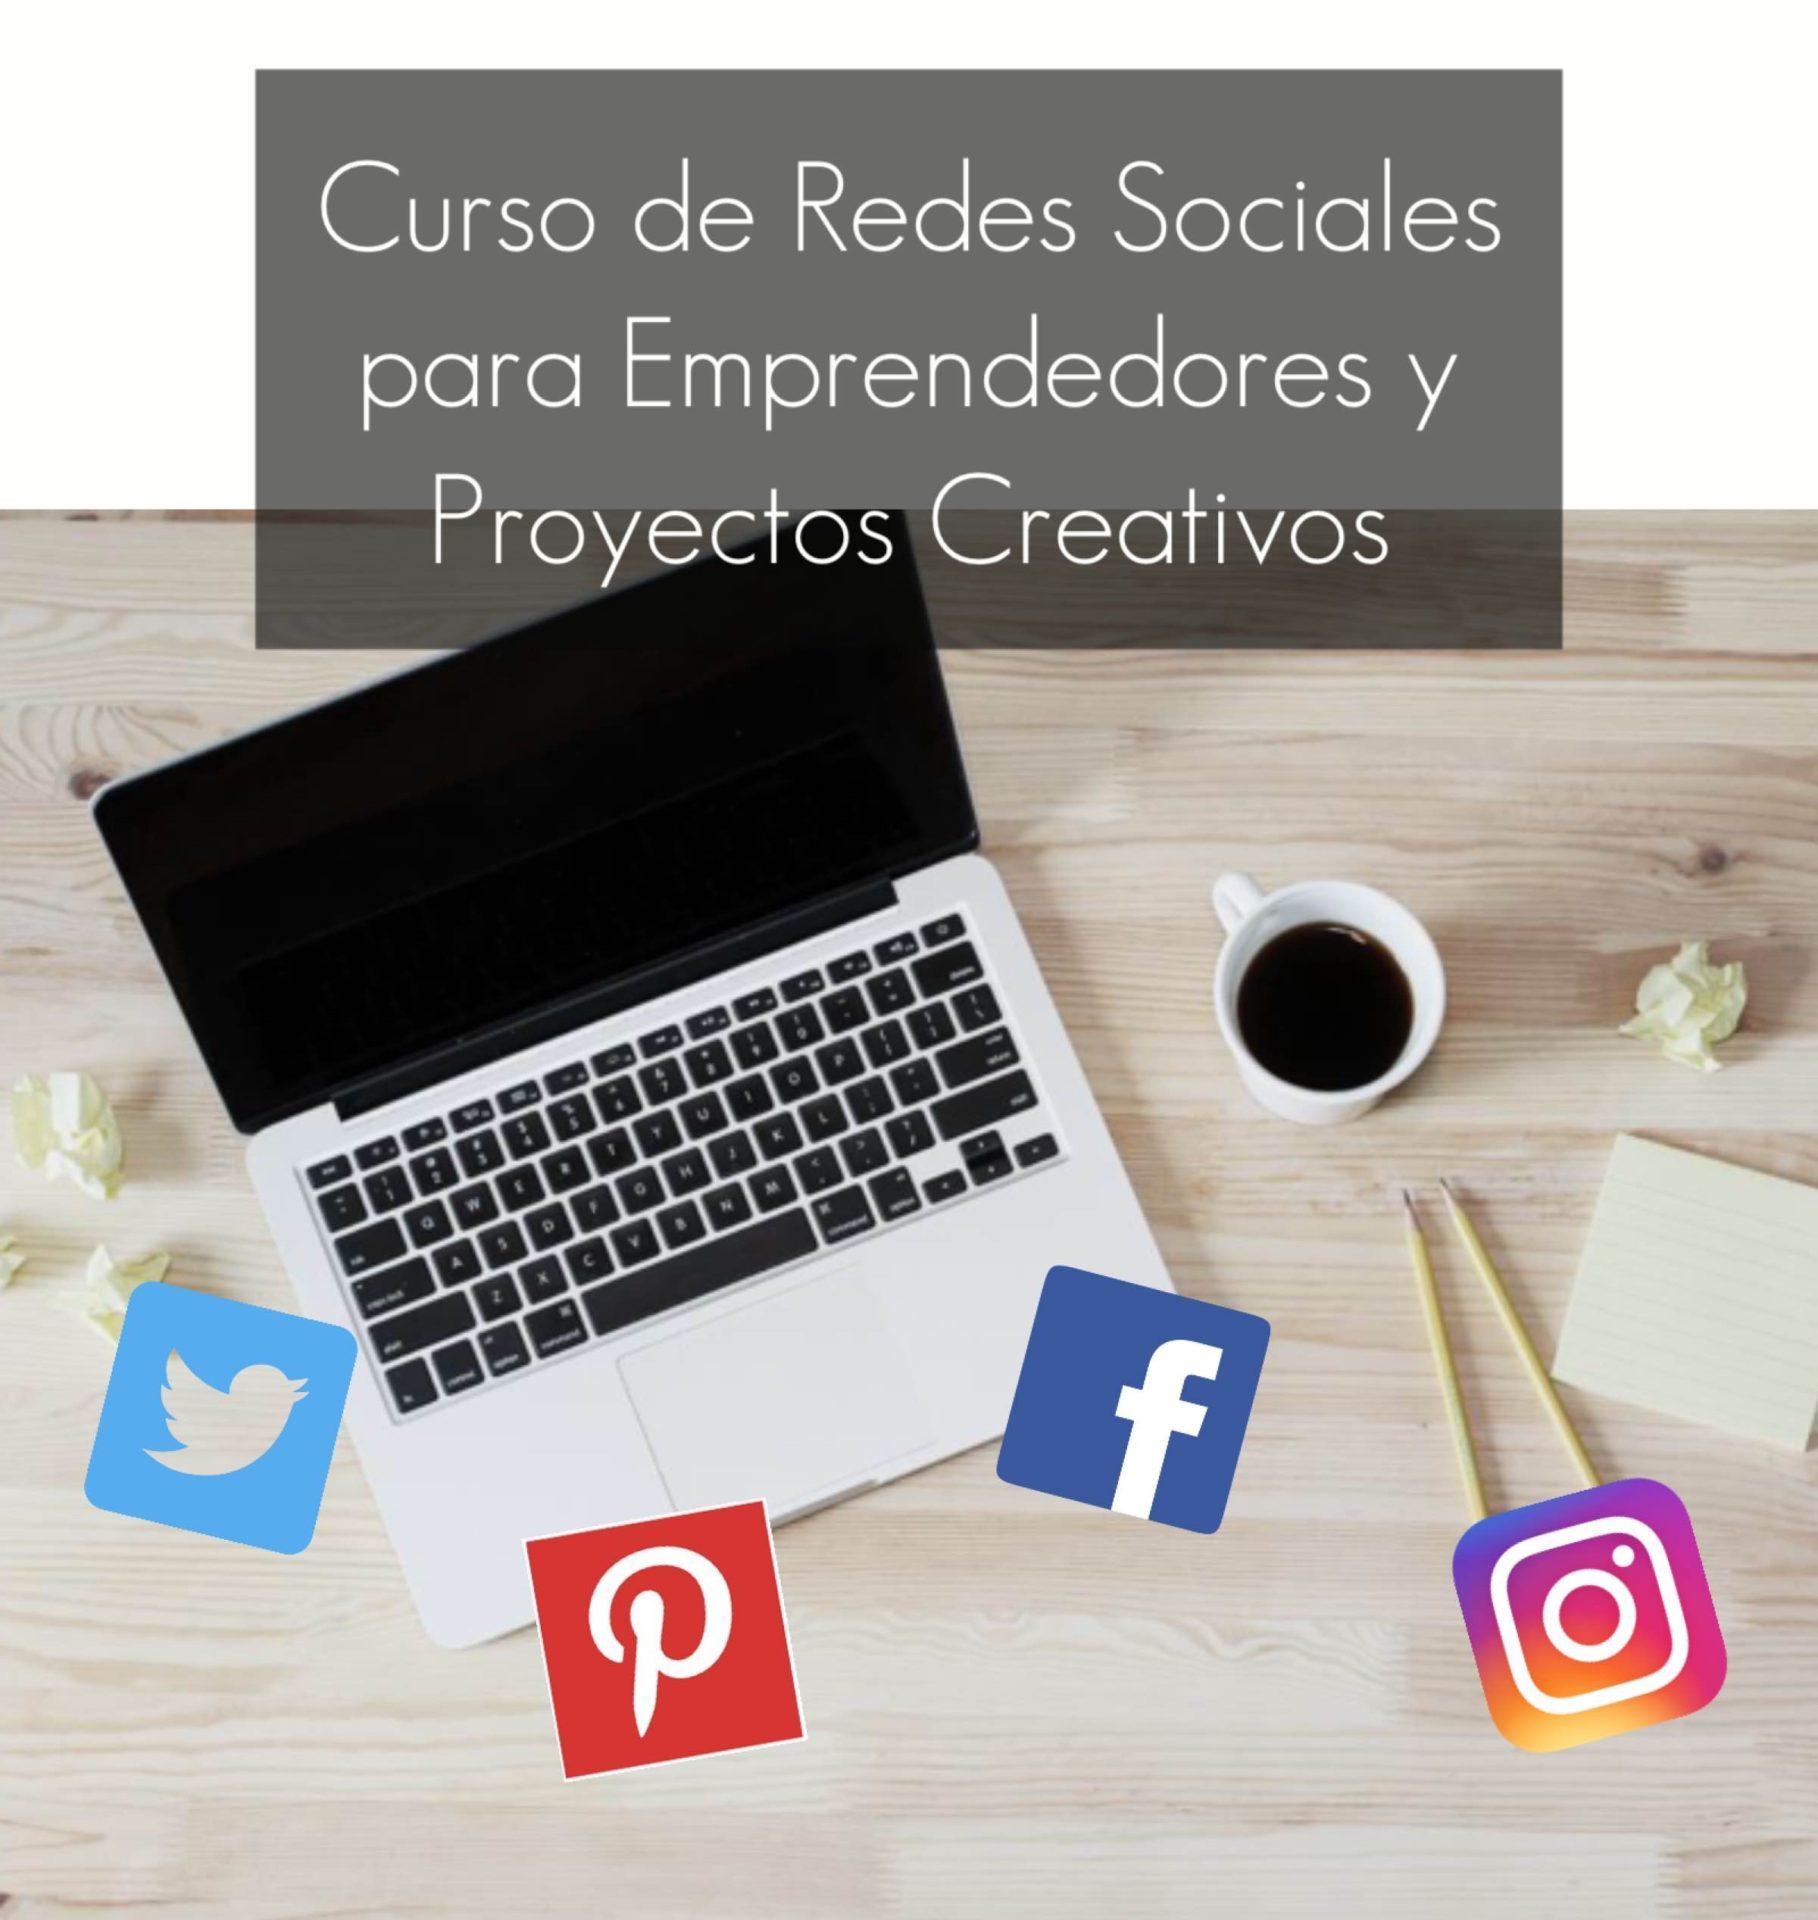 Curso de redes sociales, marketing, social media, empresa, autonomo, emprendedor, taller, proyectos creativos, barcelona, mericakes, 2.0, comunity manager.